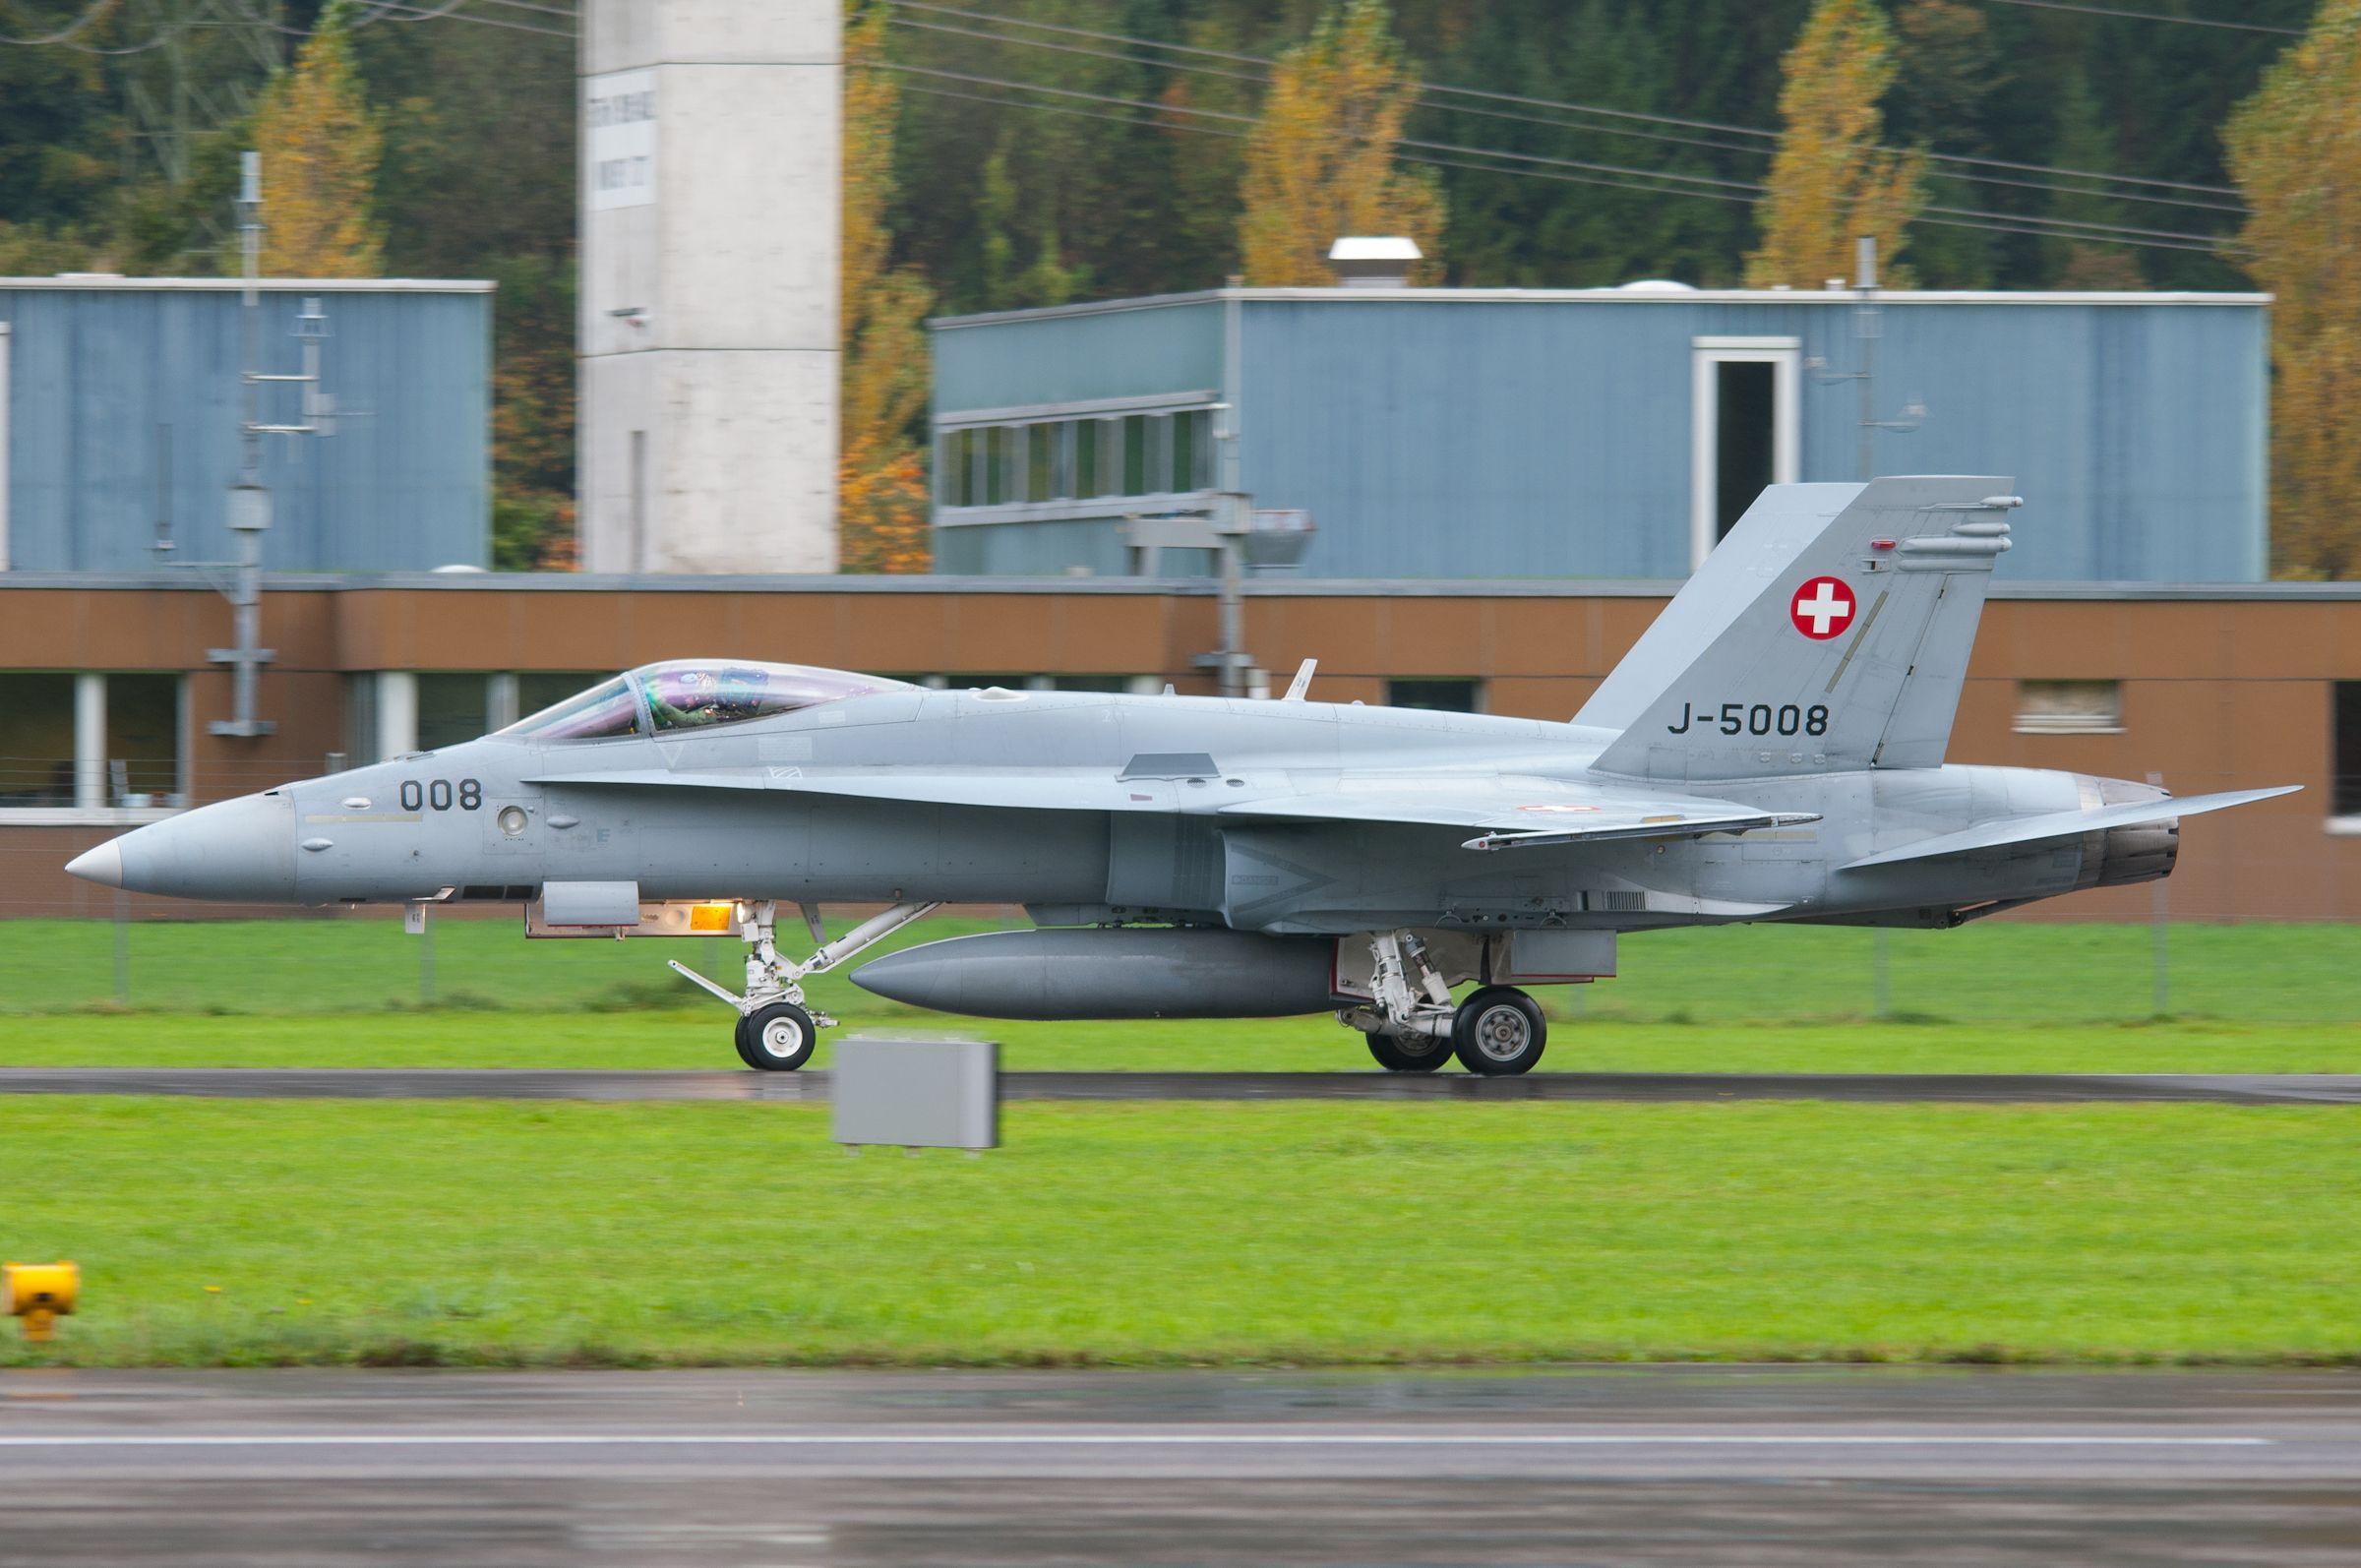 Air force live fire event Axalp 2012 - 10-11 Oct 2012 - Pagina 2 000147